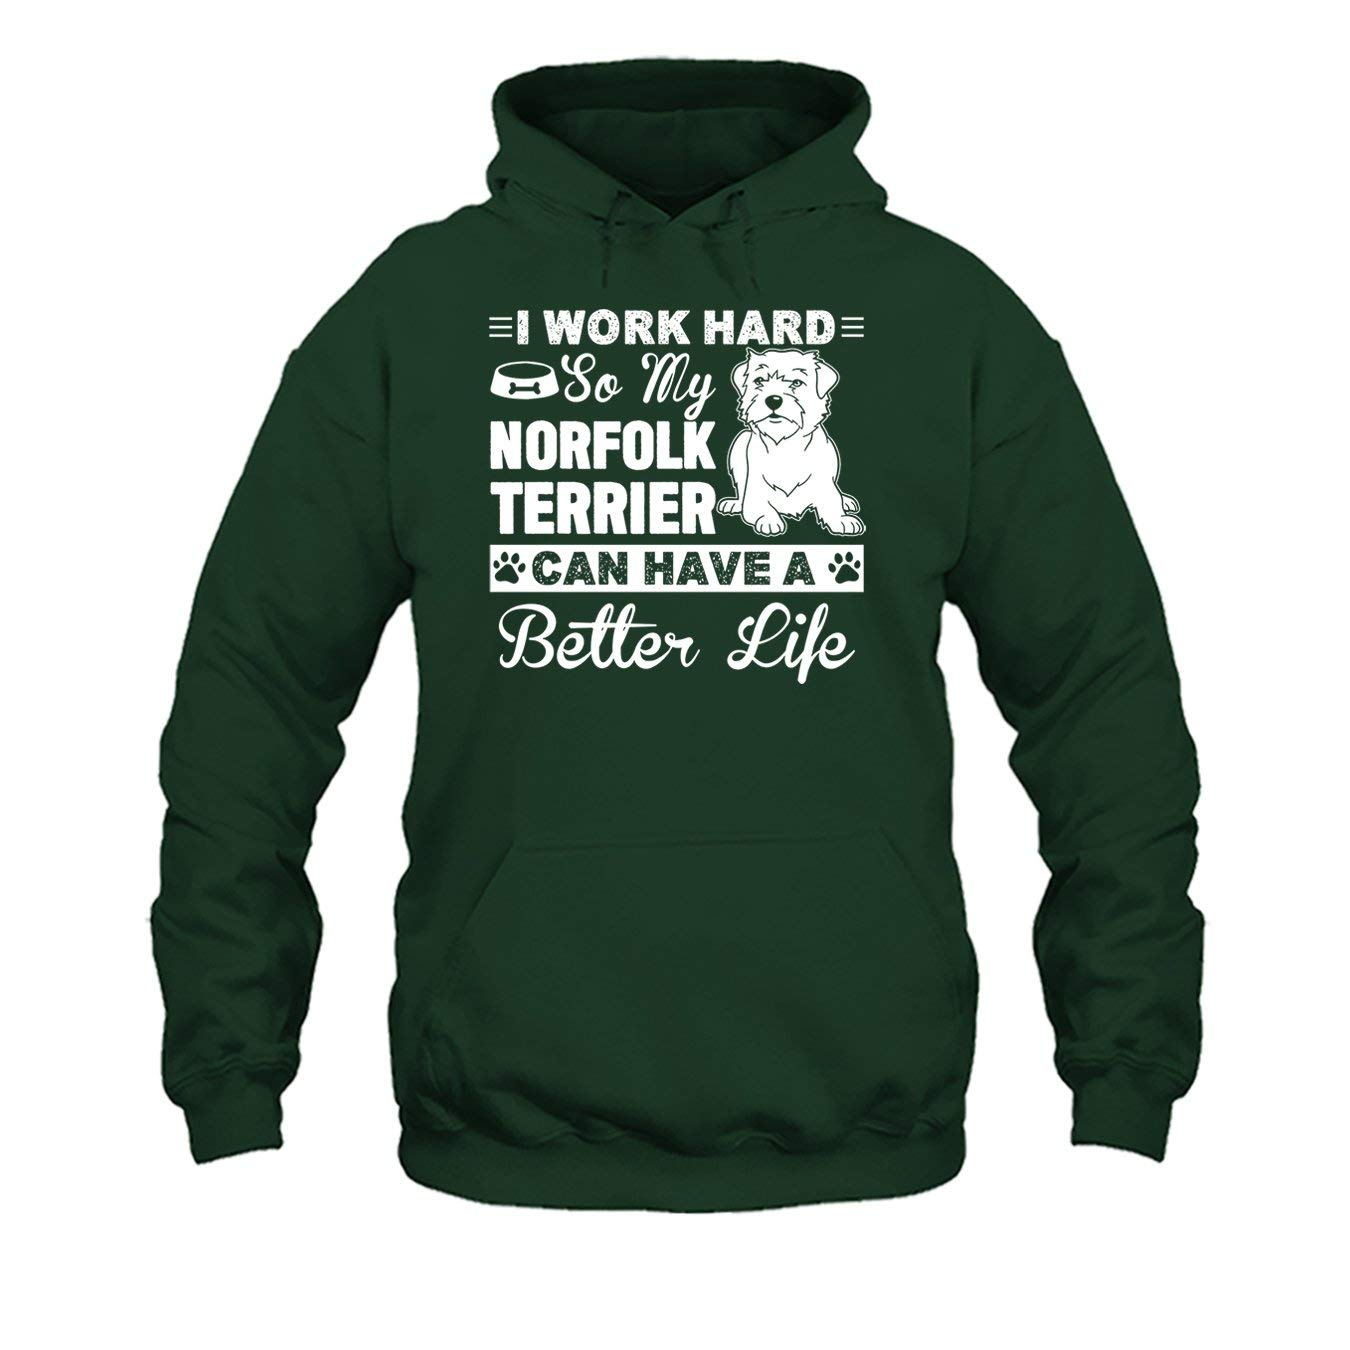 Tee Shirt Mens Shirt Norfolk Terrier Lover Shirt